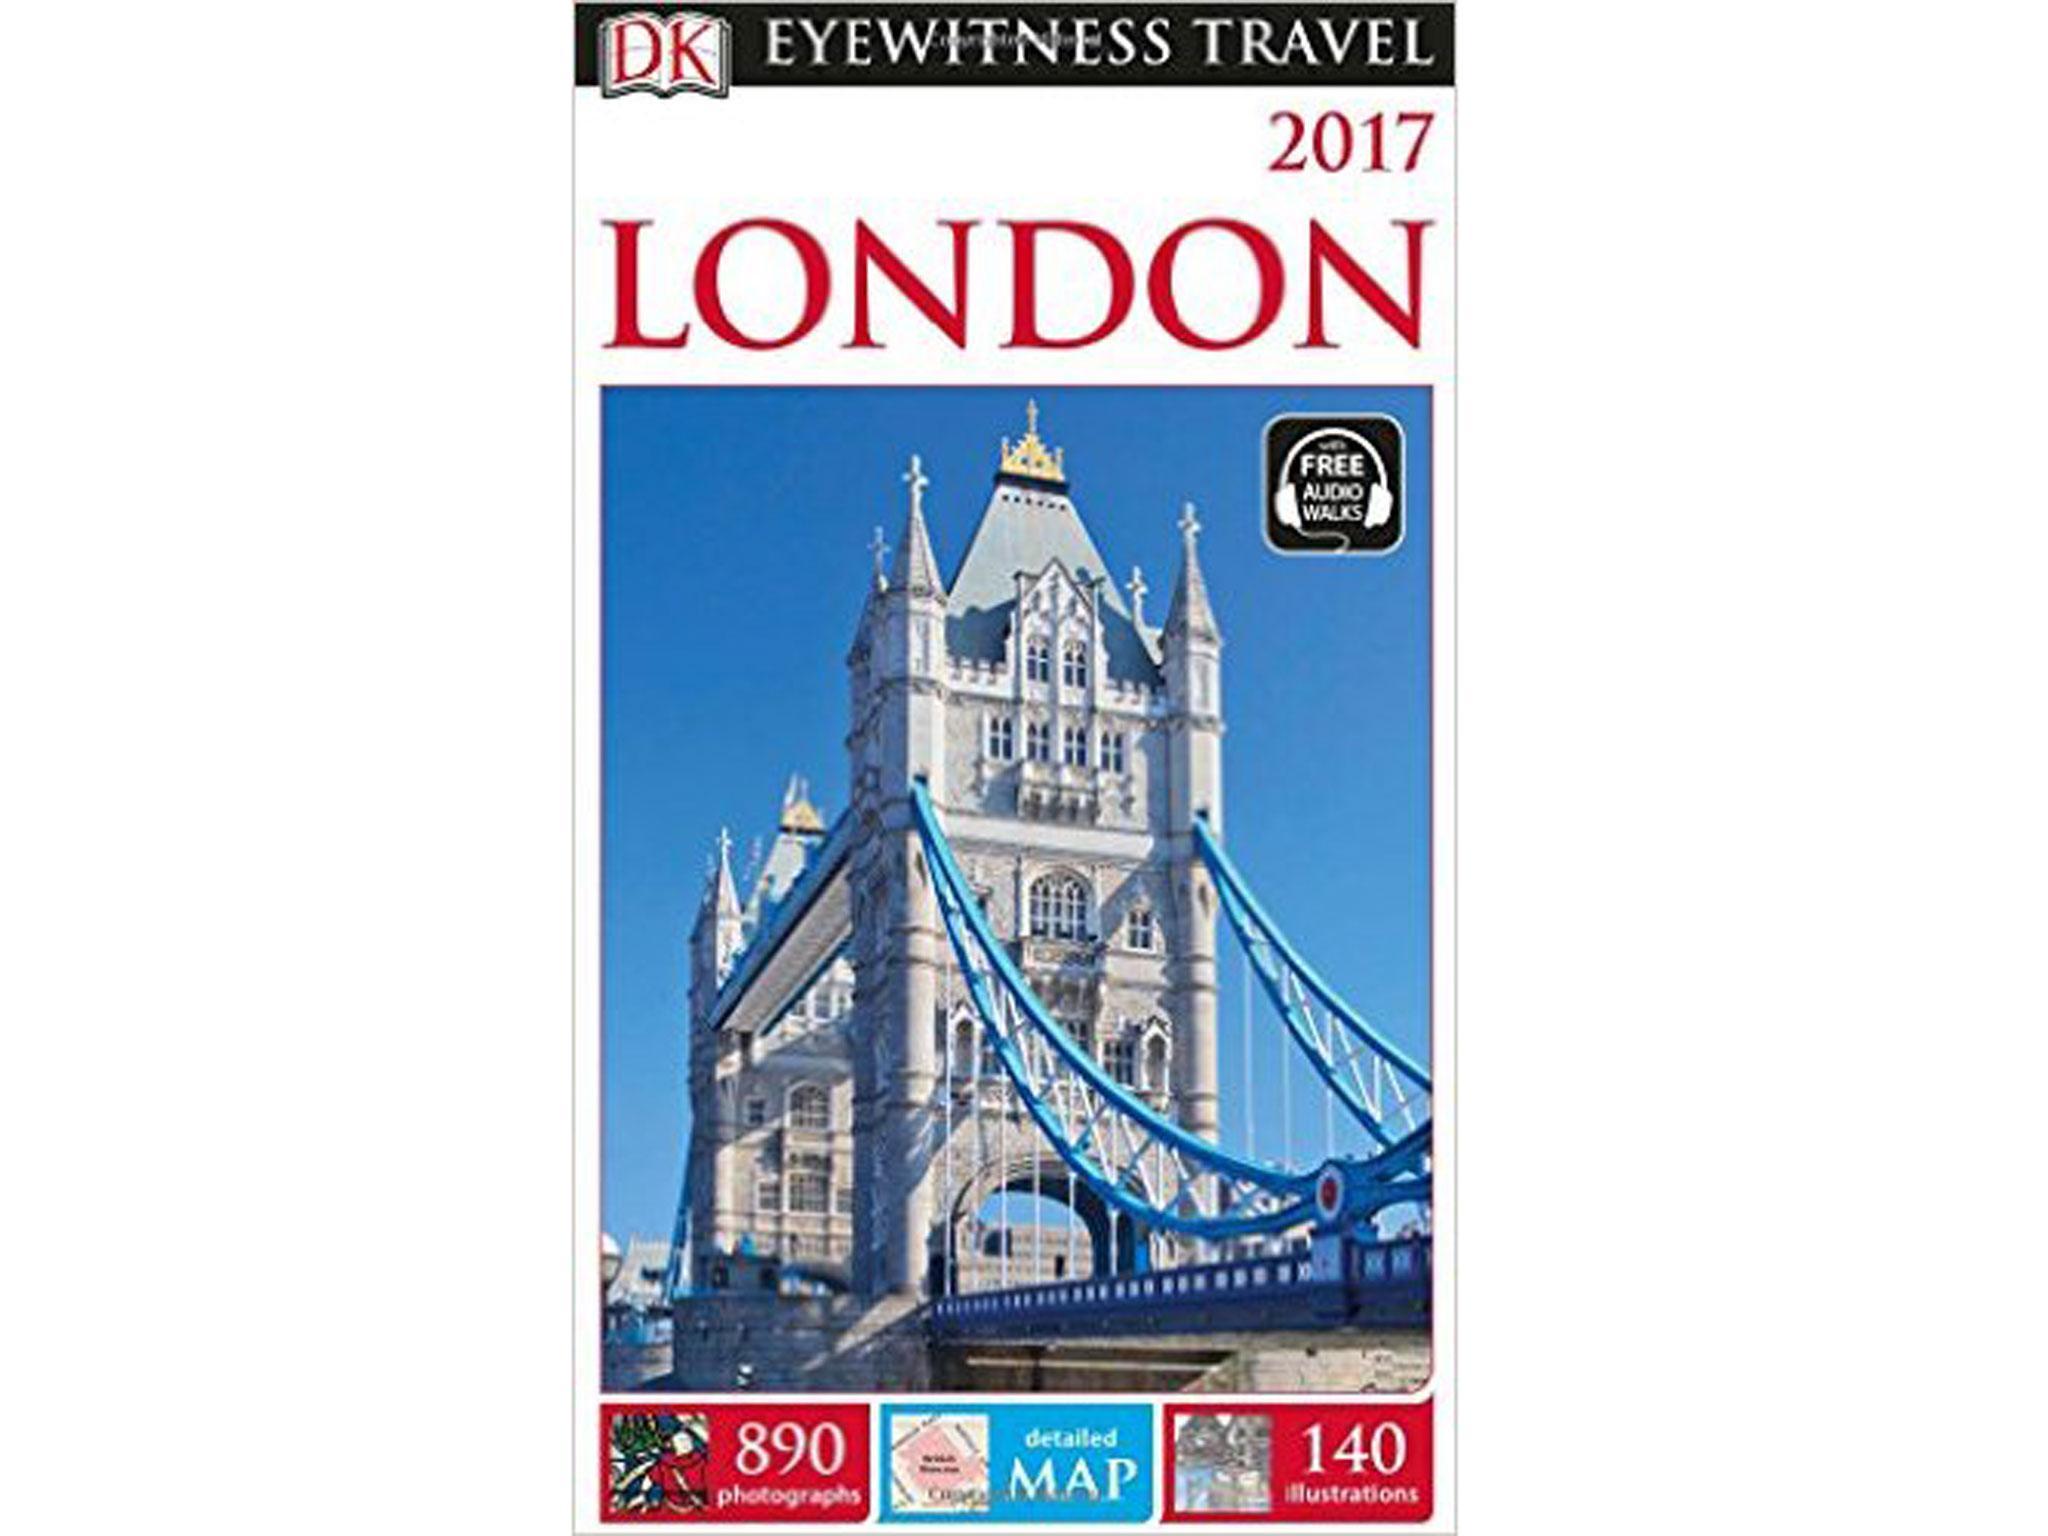 DK Eyewitness Travel Guide London: £14.99, Dorling Kindersley